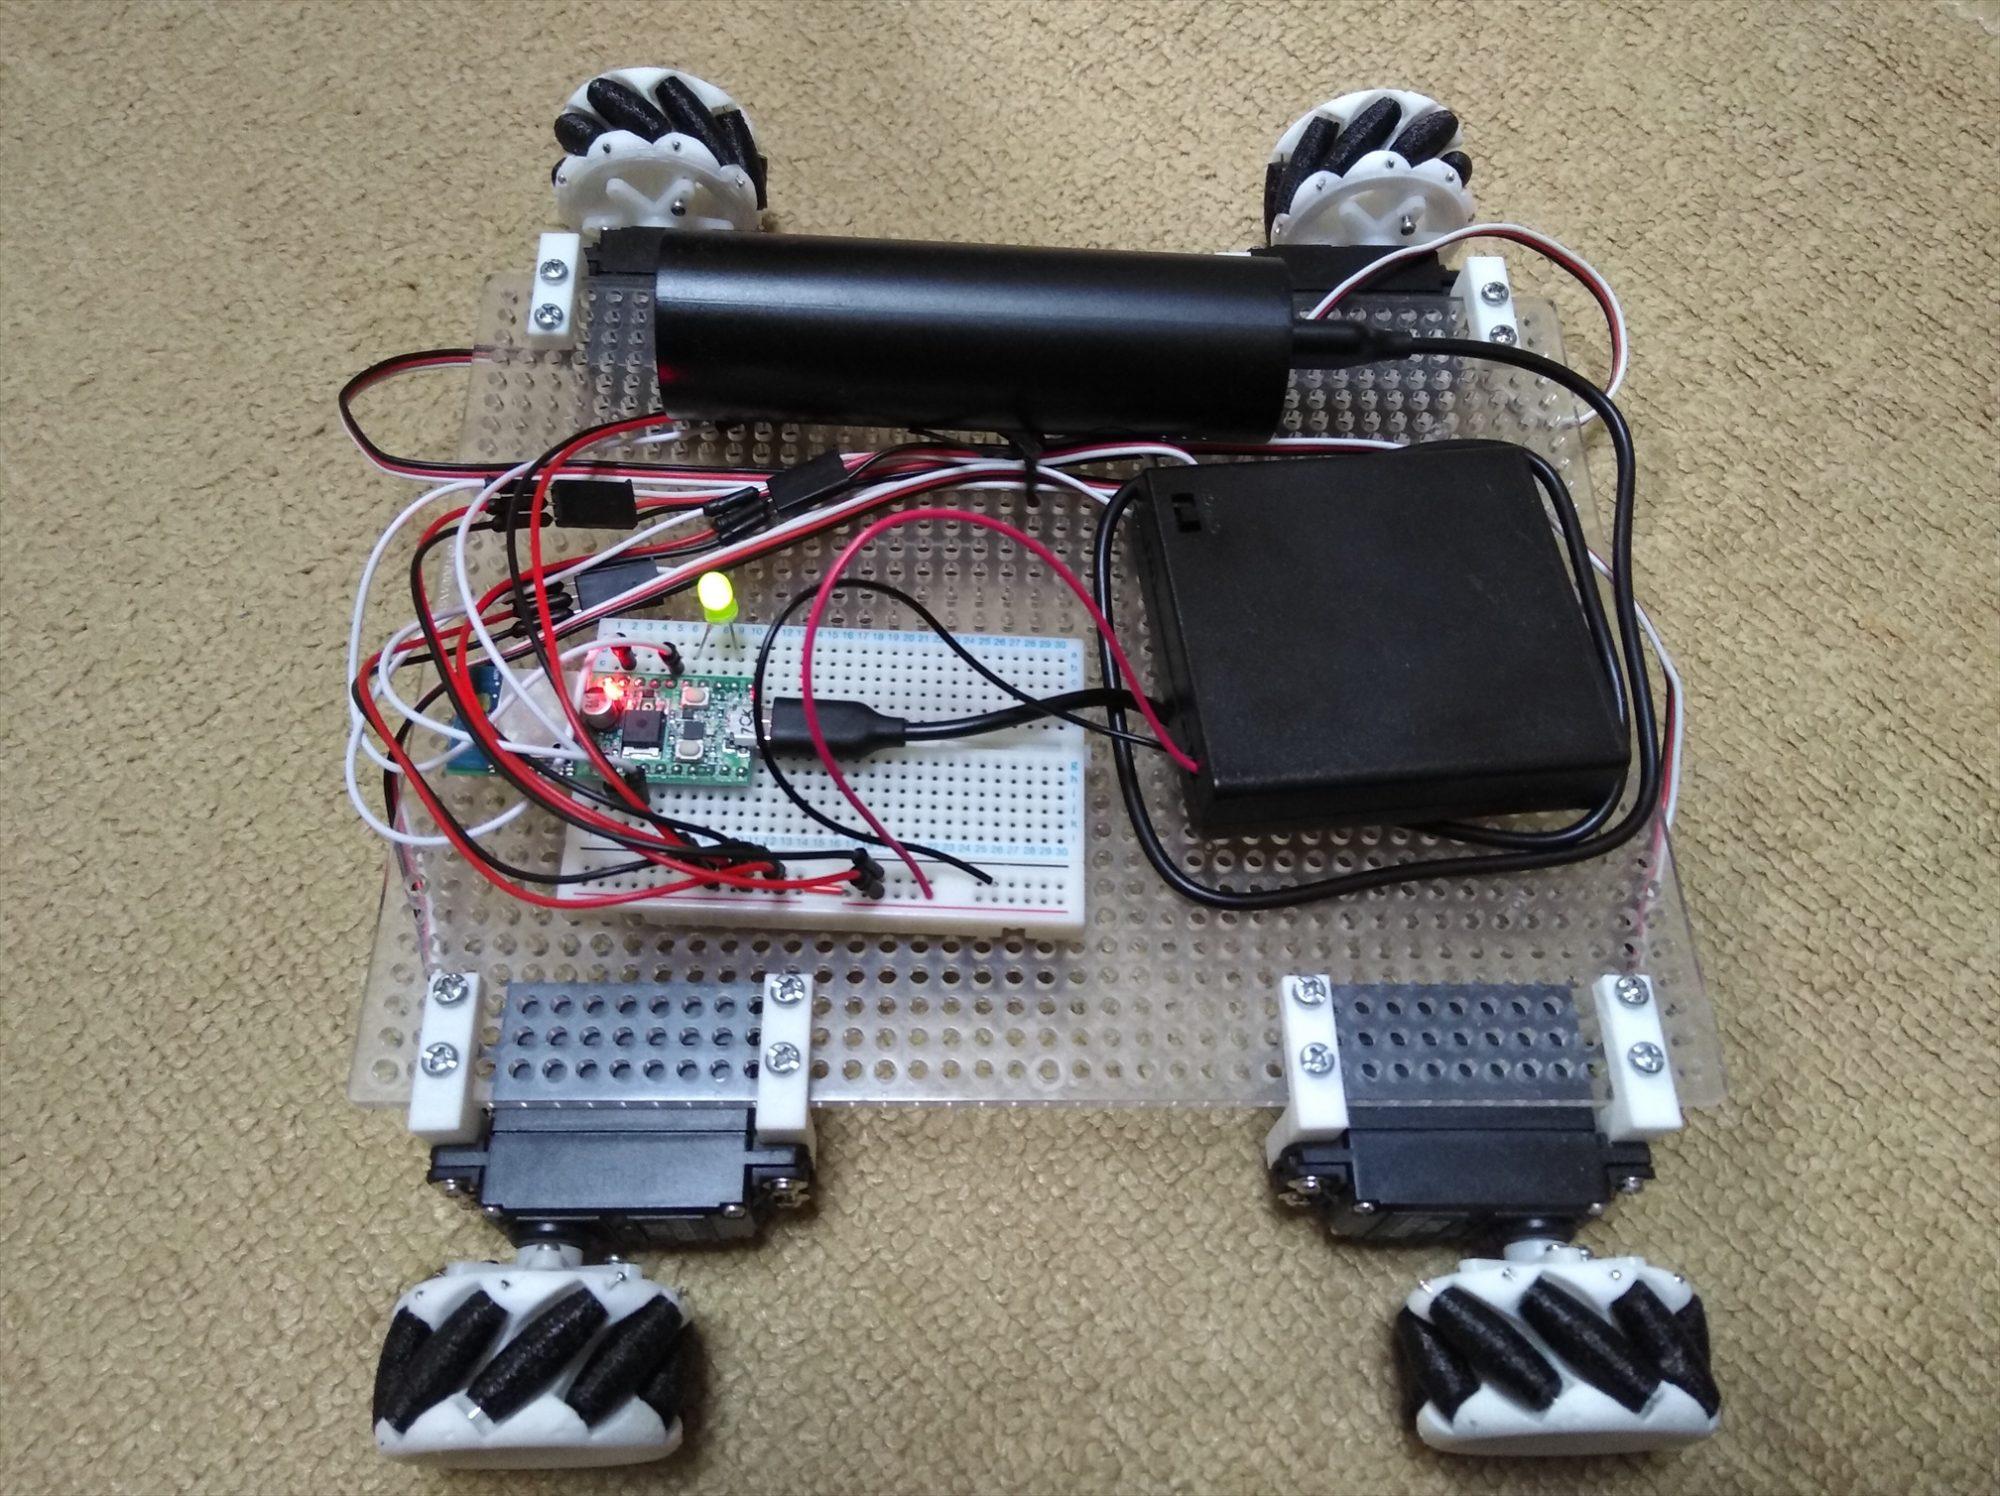 スマホで操作できるメカナムホイールのWi-Fiラジコンカーを作った(ESP-WROOM-02)